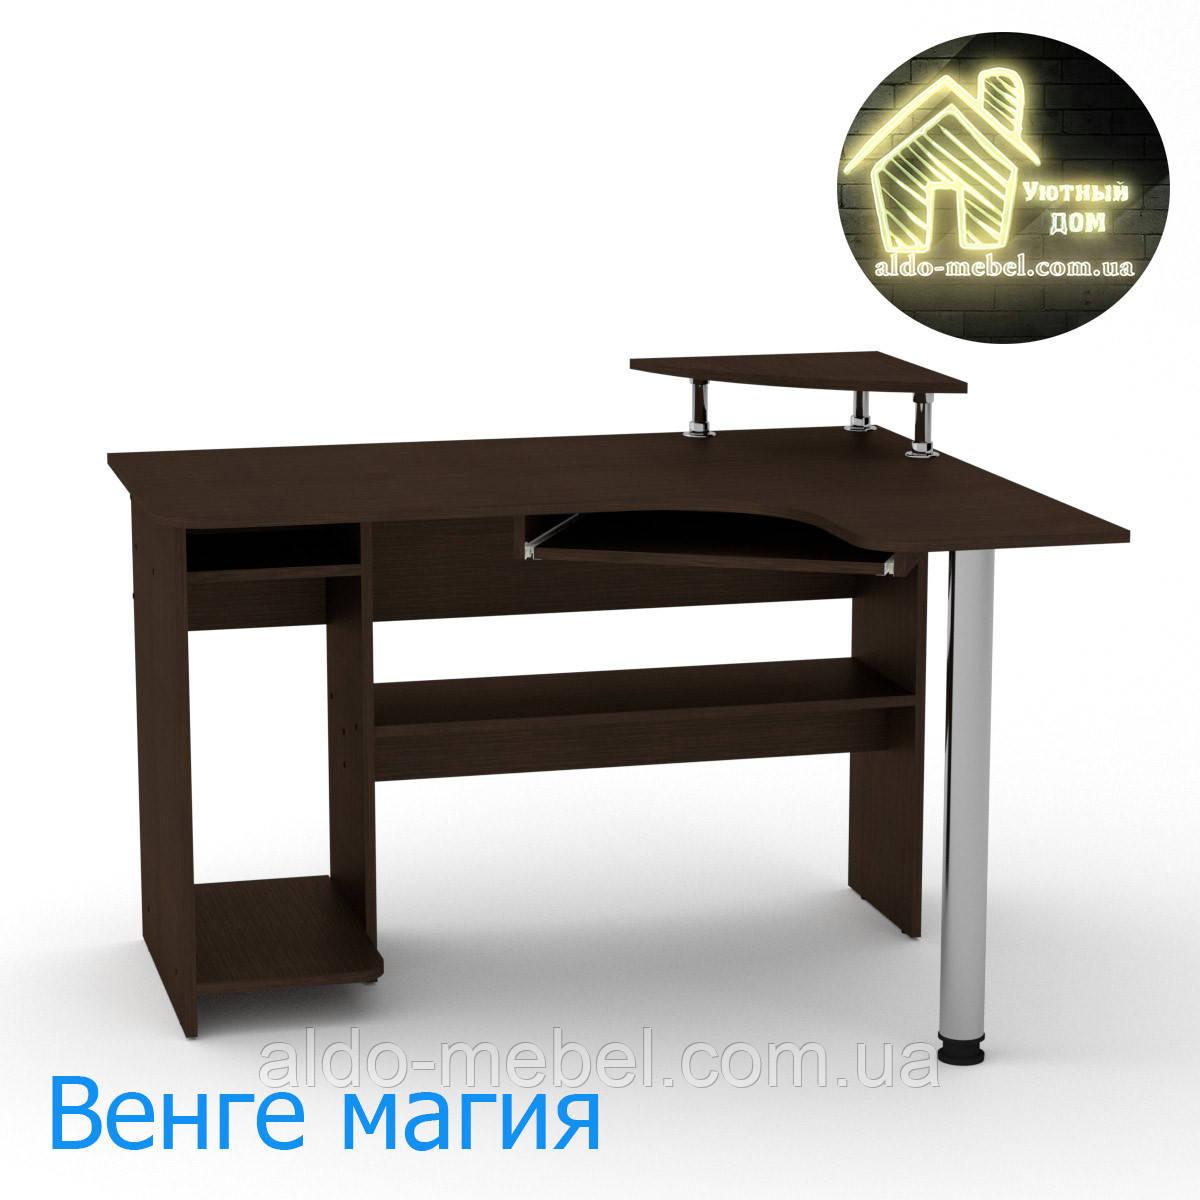 Стол компьютерный СУ - 7 Габариты Ш - 1200 мм; В - 736 + 116 мм; Г - 1000 мм (Компанит)